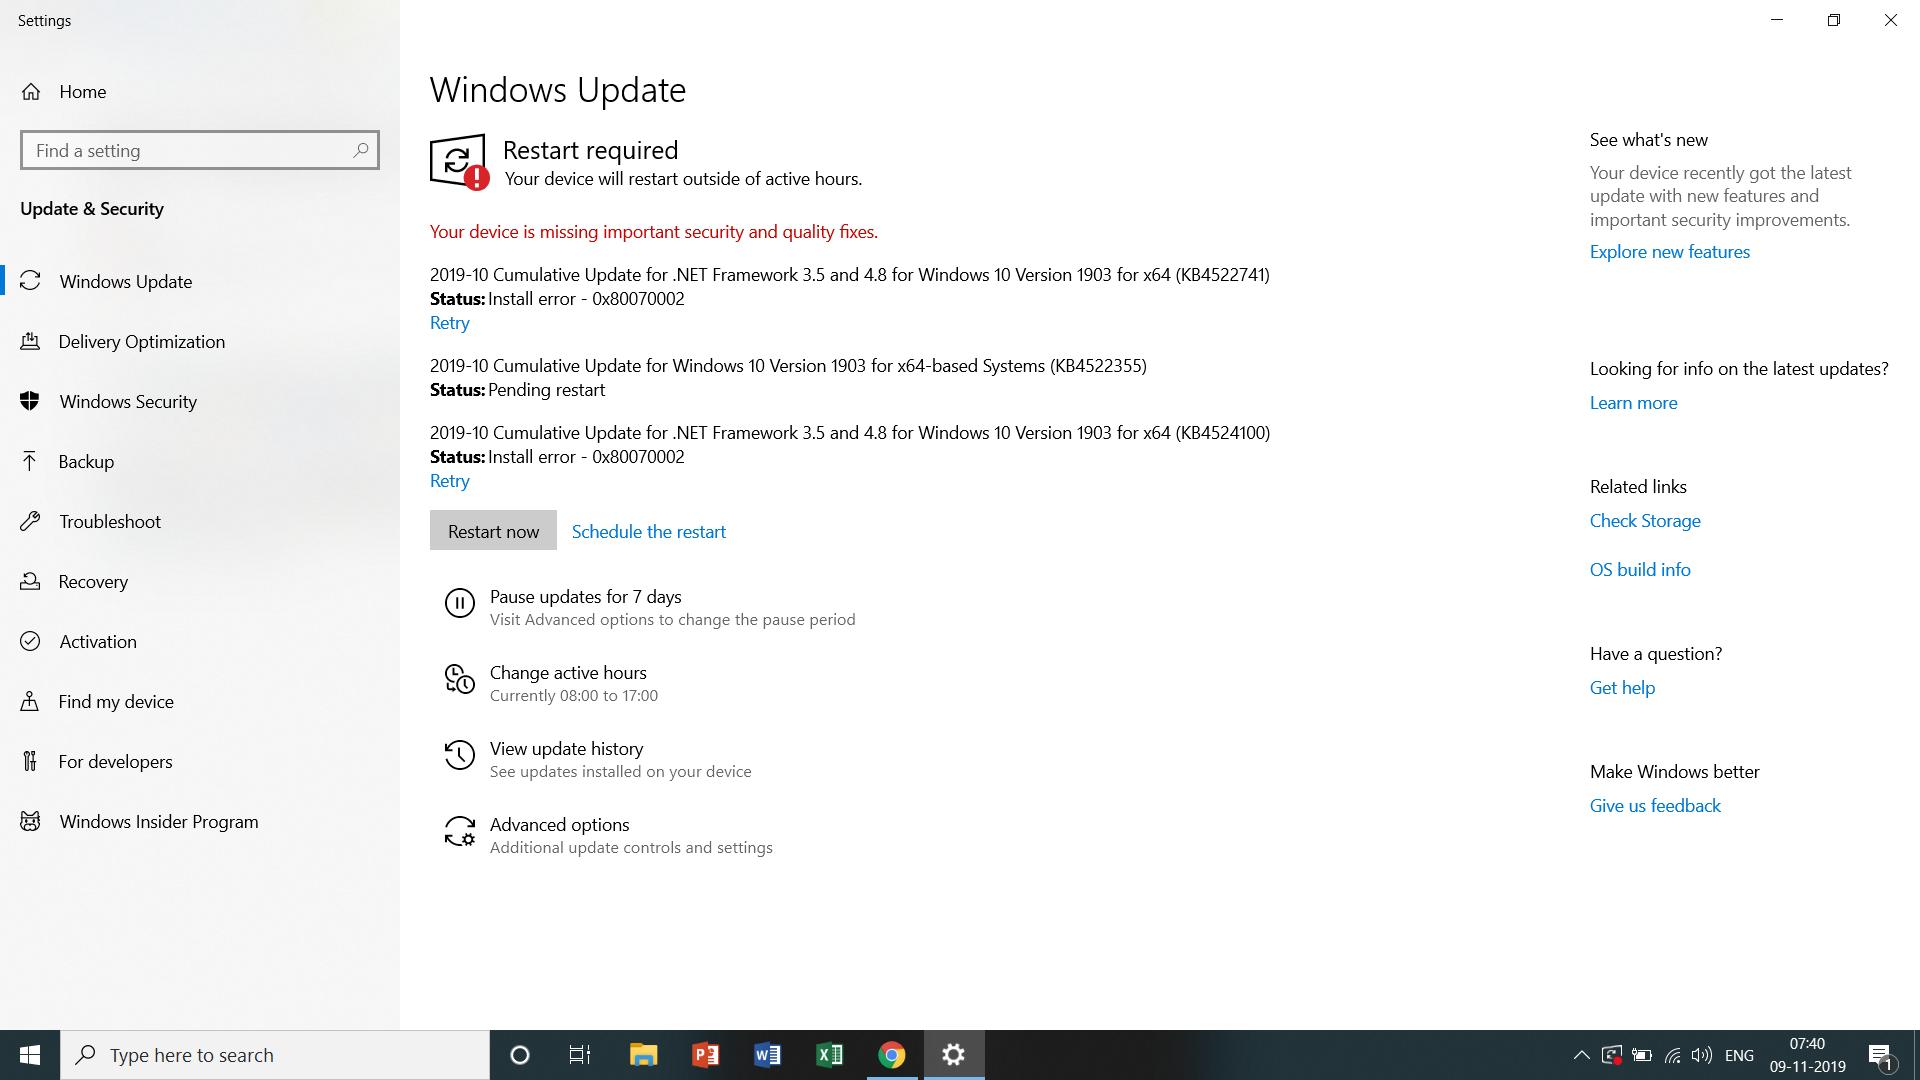 windows update issue 58540bf0-1c8b-4bd4-95cf-ccb8e3e42e59?upload=true.png